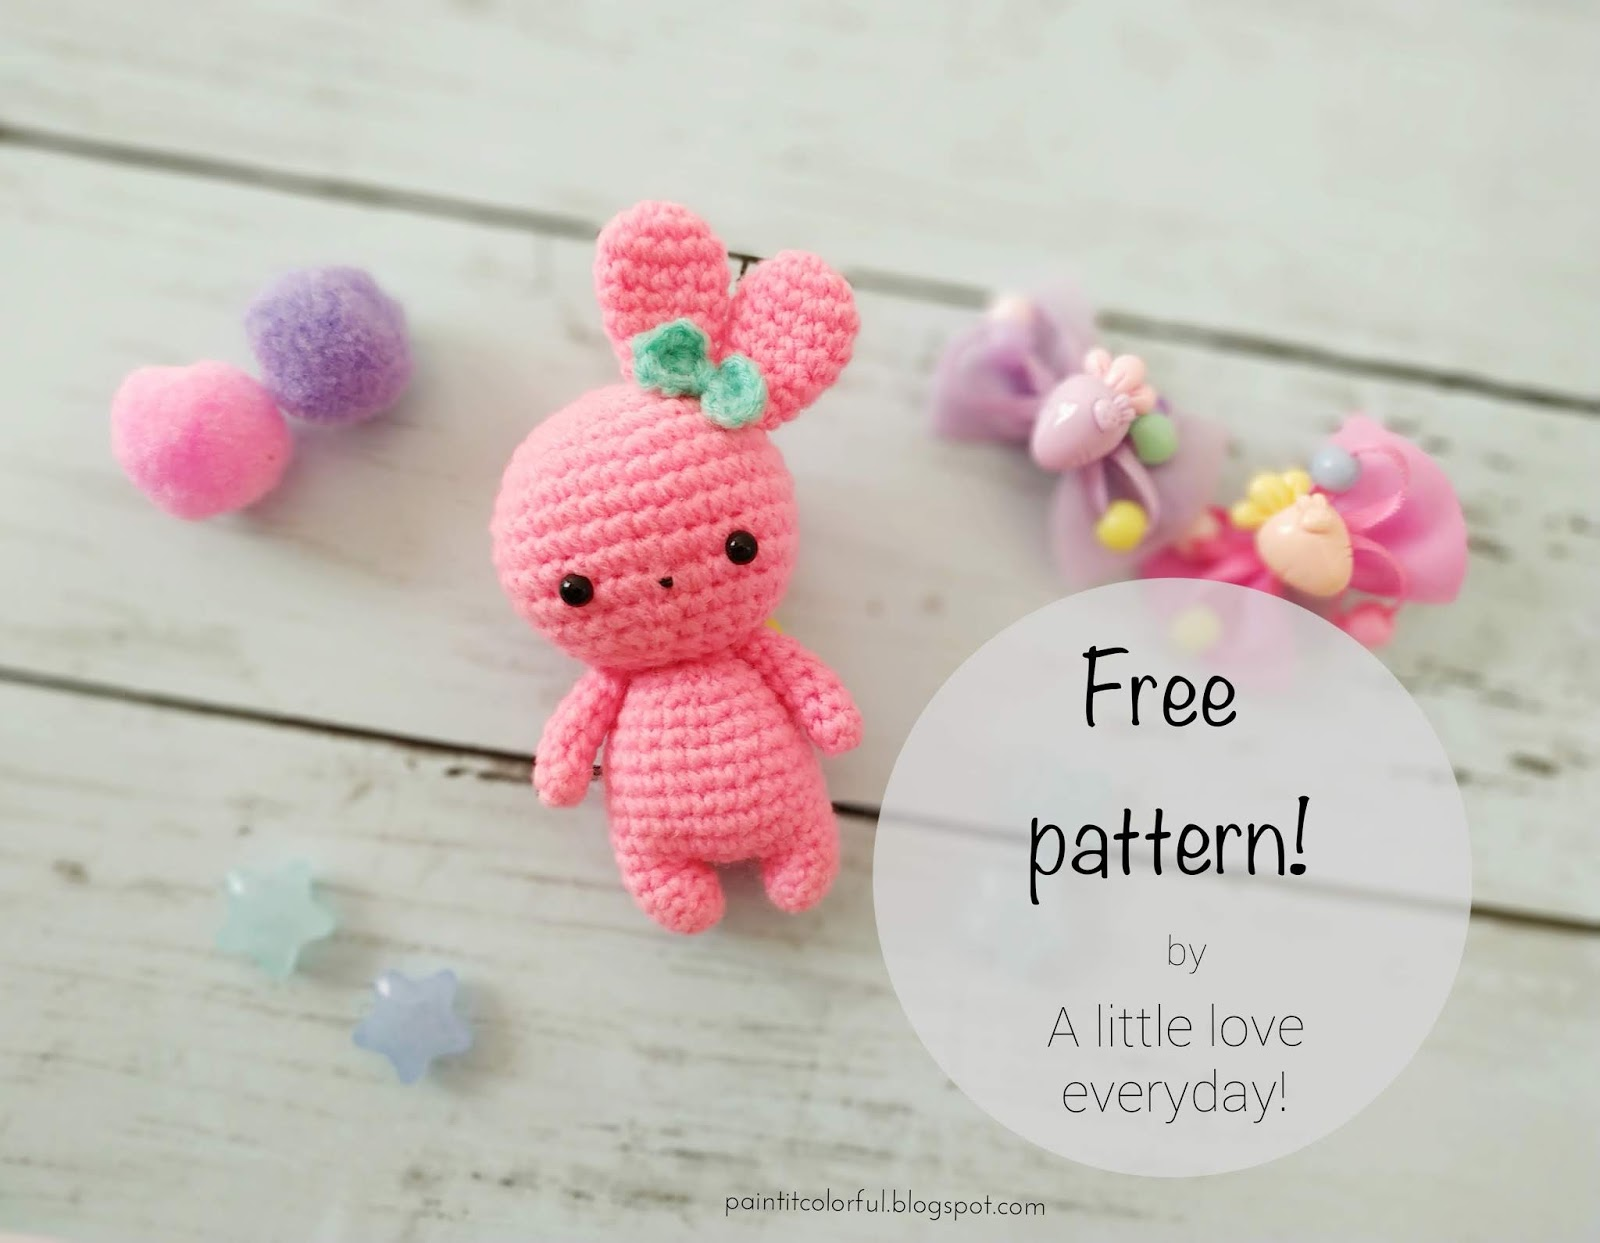 Bea the rabbit amigurumi pattern - Amigurumipatterns.net | 1243x1600